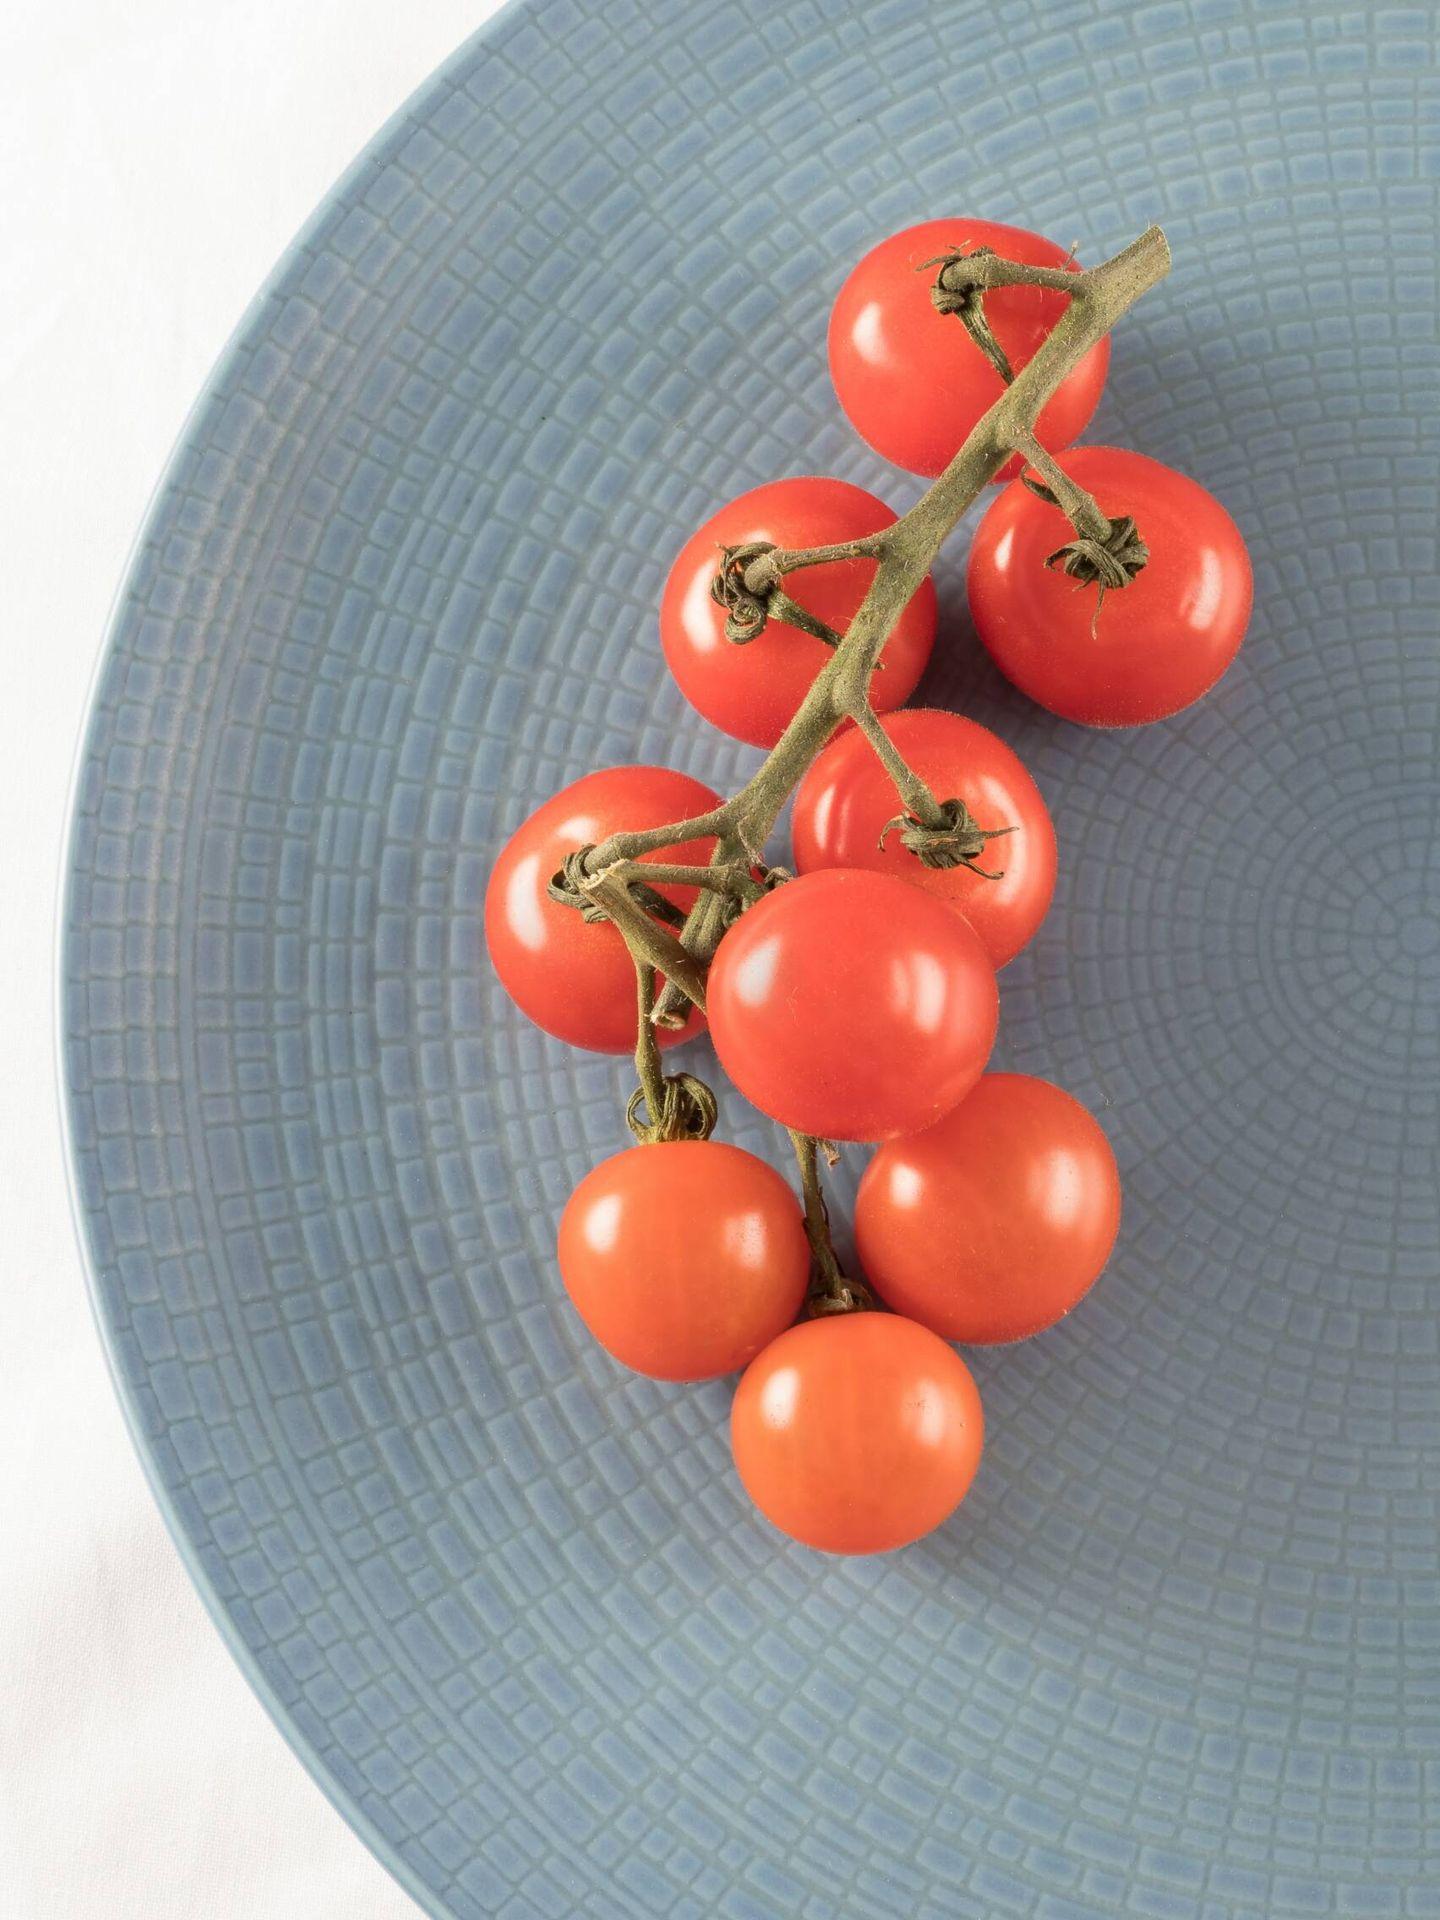 Receta saludable de tomate, provolone y pesto. (Helen Thomas para Unsplash)